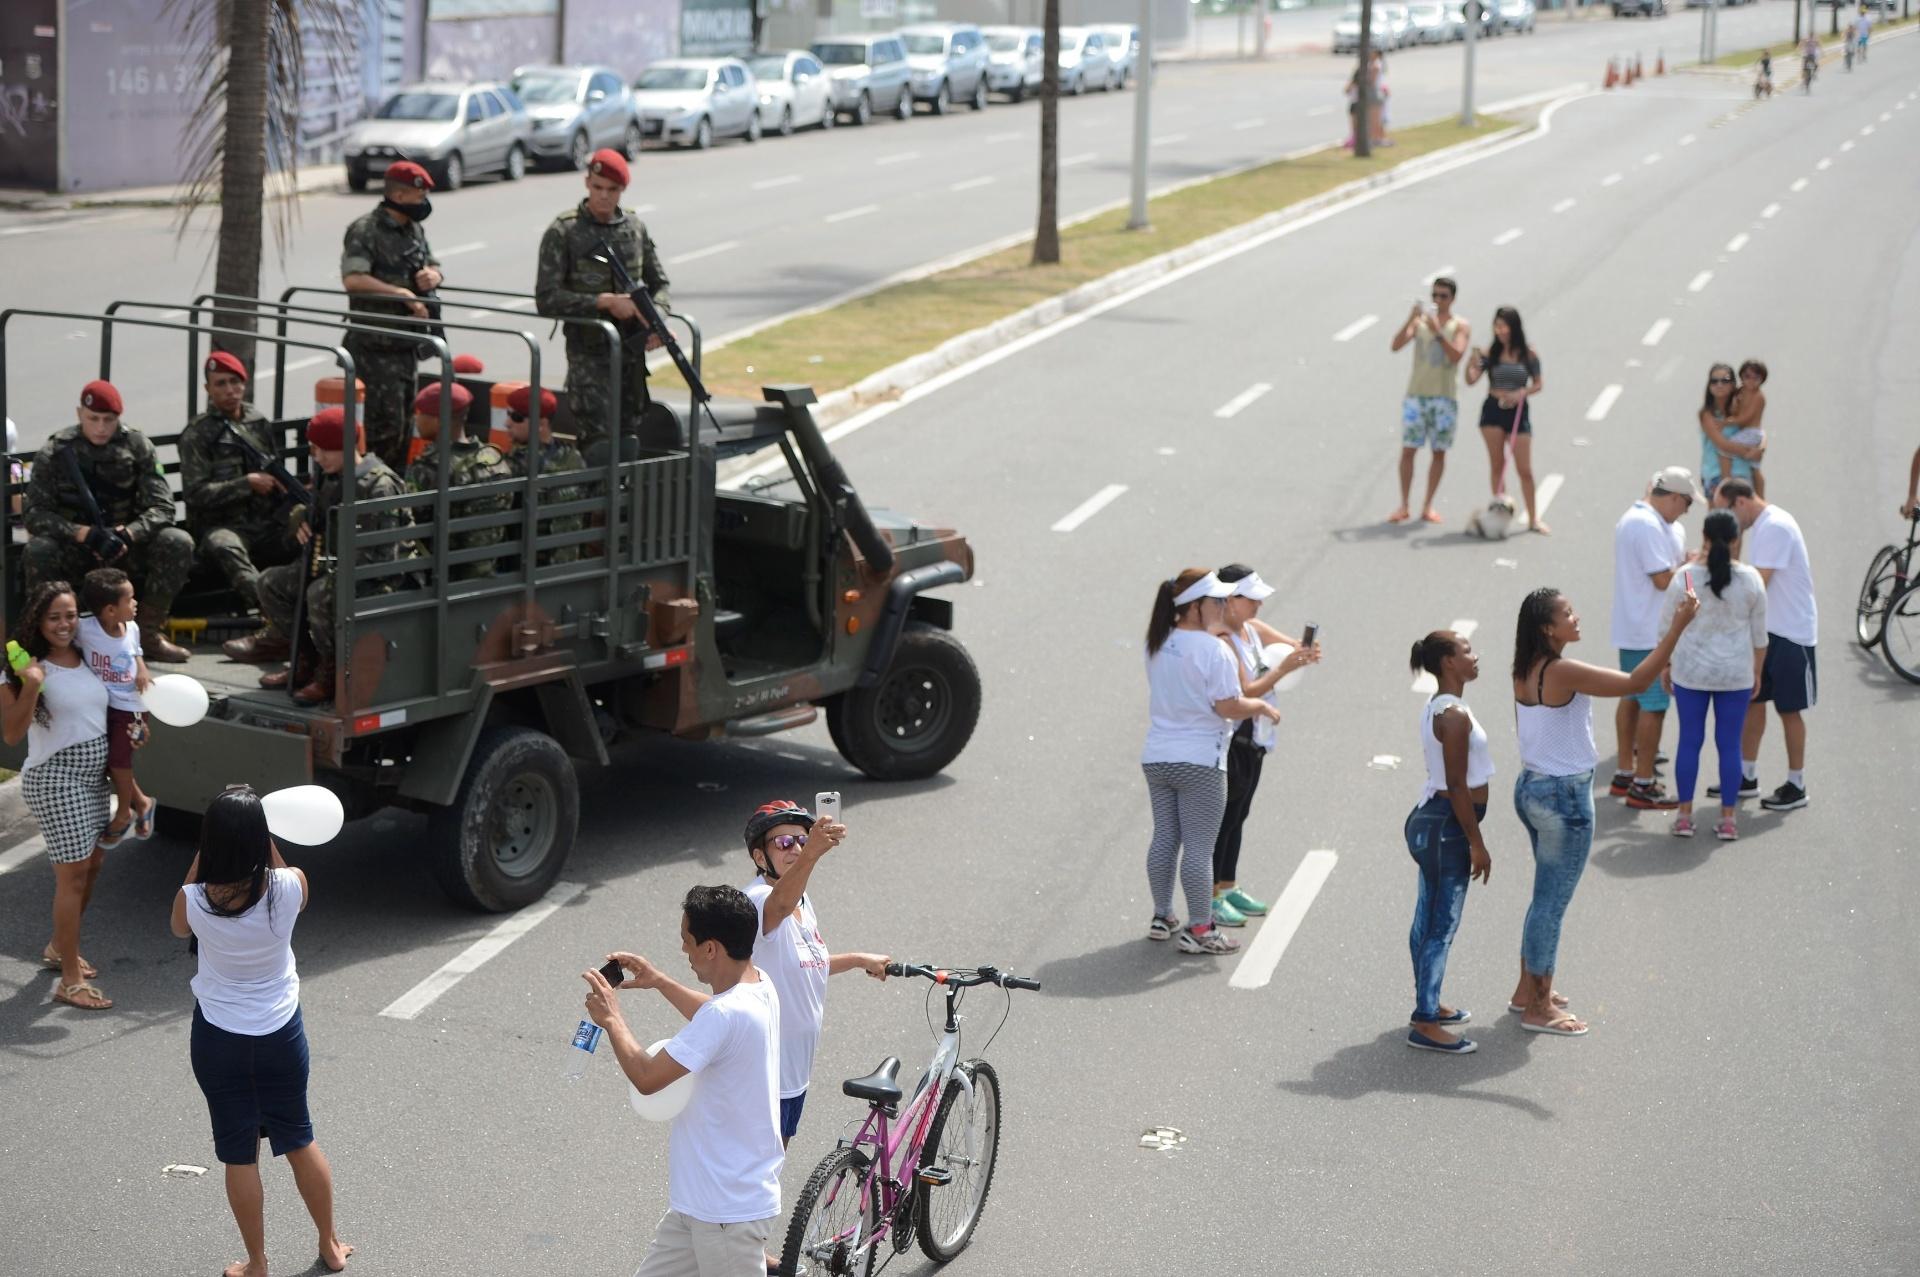 12.fev.2017 - Moradores tiram fotos com os militares que estão trabalhando na segurança da orla da praia de Camburi, em Vitória (ES). A crise de segurança no Estado chegou ao 9ª dia e já soma 142 homicídios, segundo o Sindicato dos Policiais Civis (Sindipol)